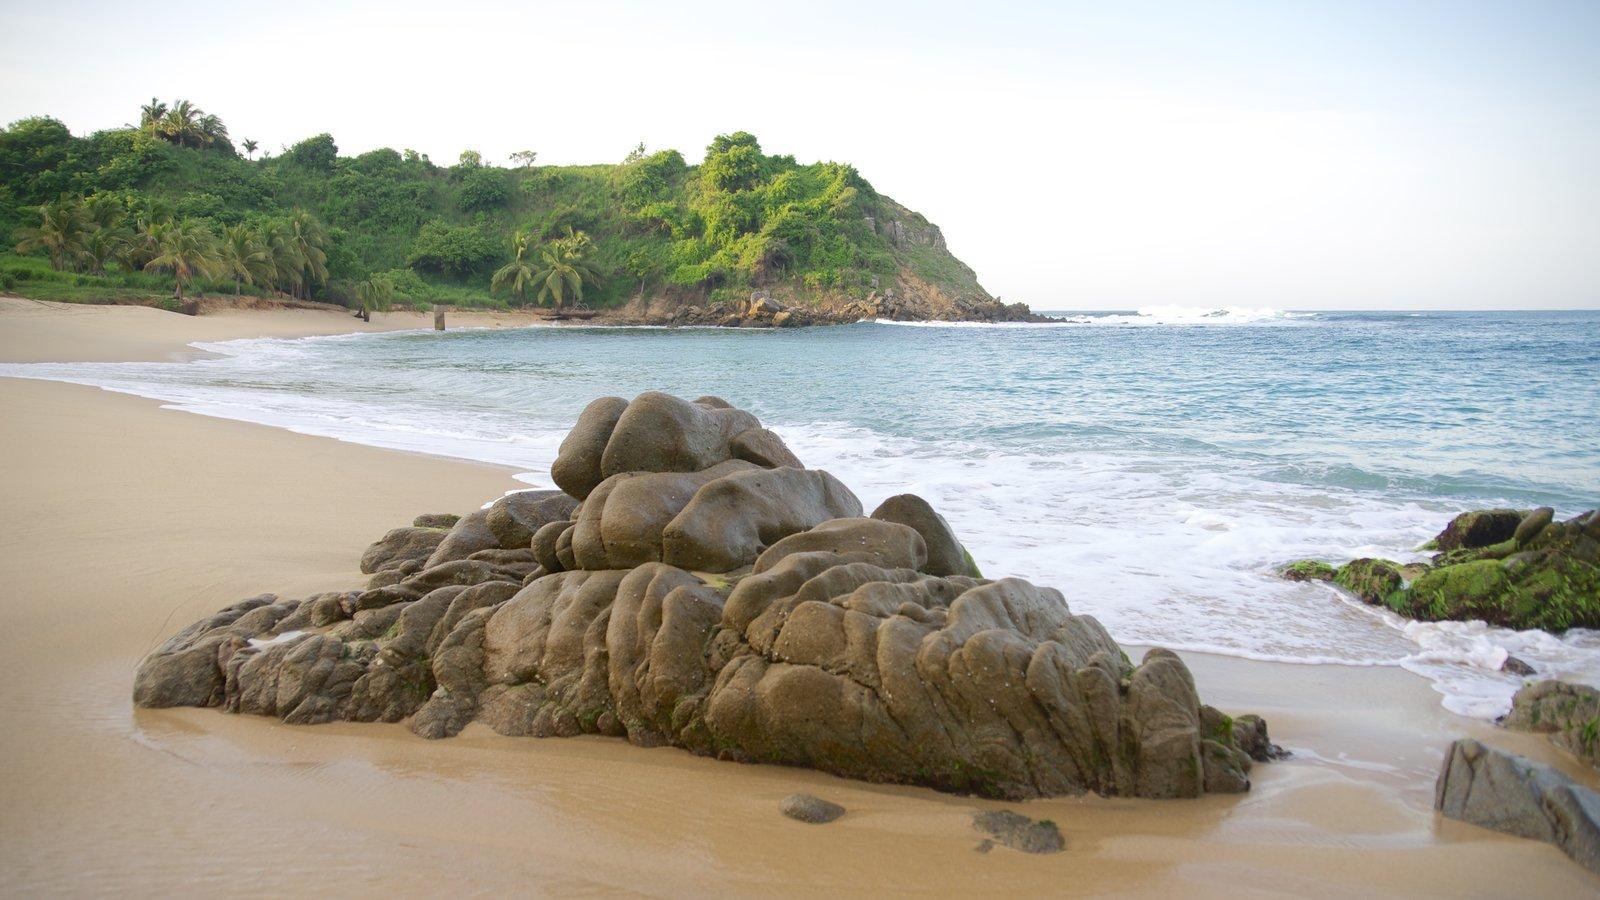 Playa Bacocho ofreciendo una playa de arena y costa rocosa